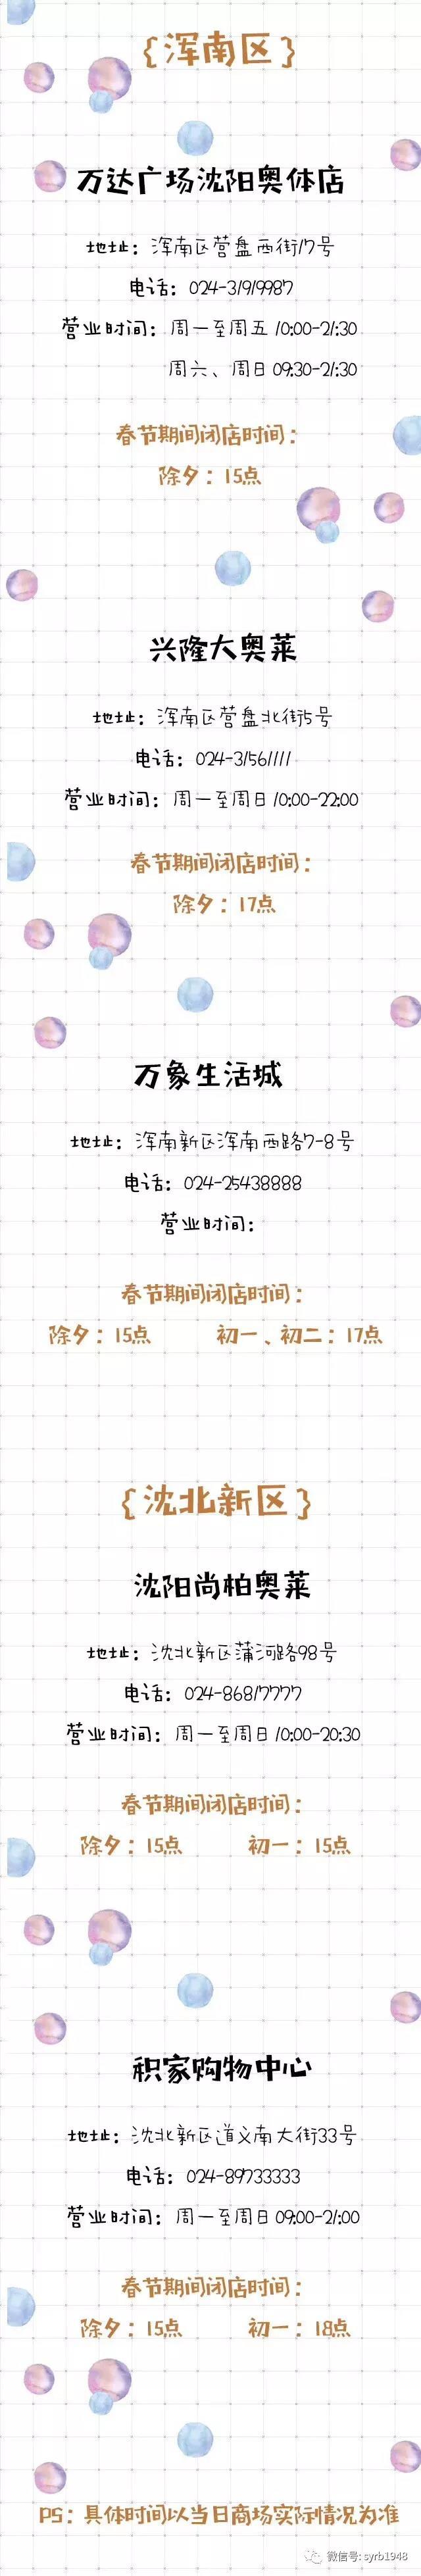 1403c064b60c1620.jpg